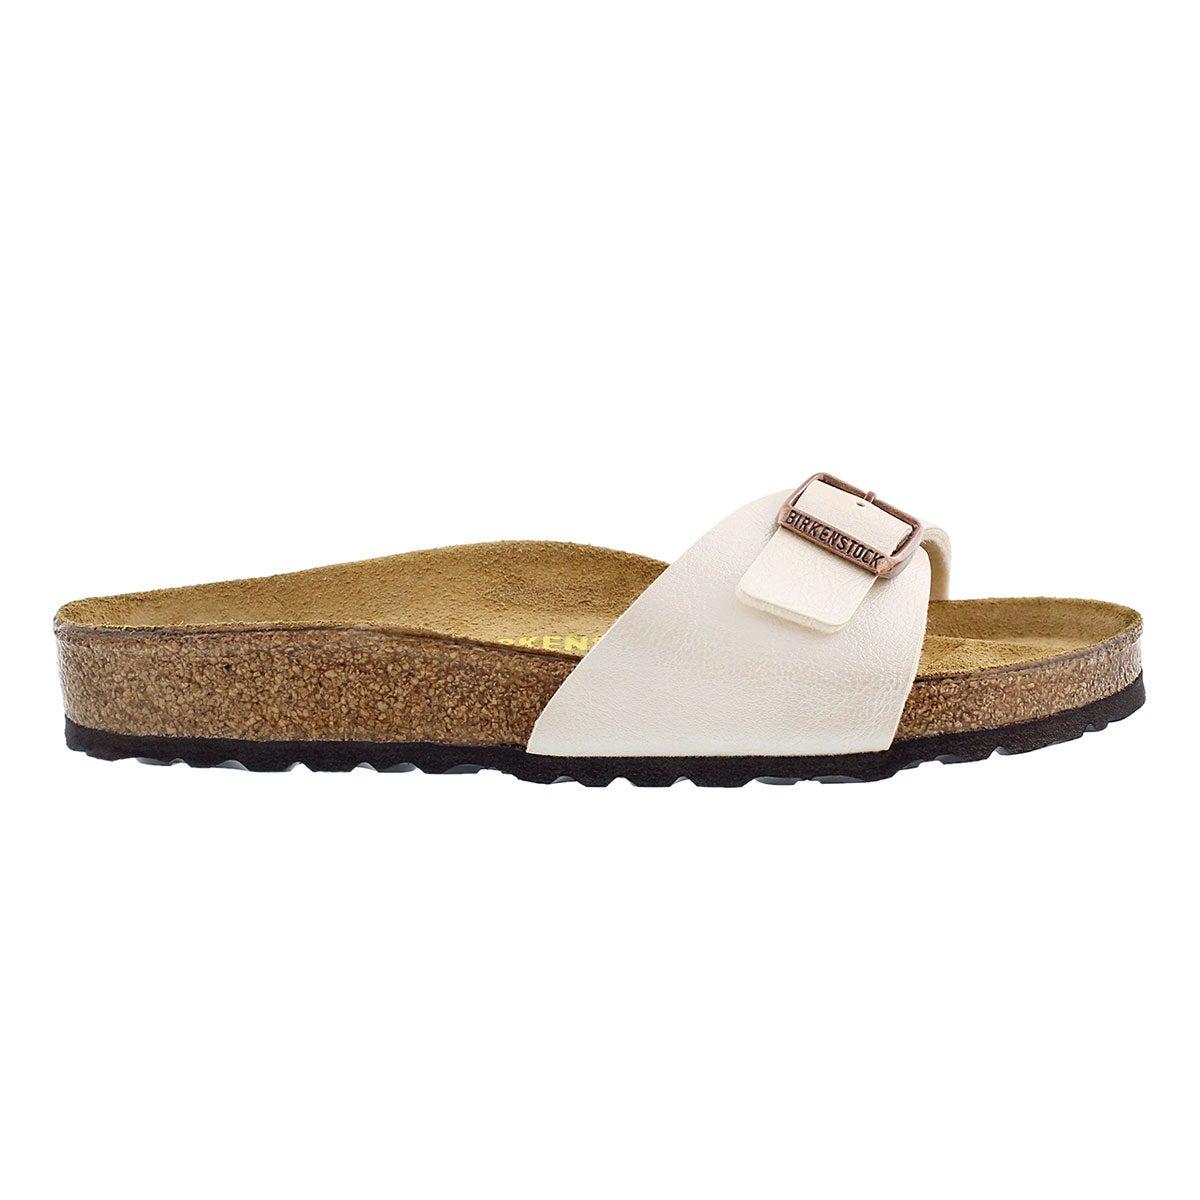 Sandales Madrid, blanc nacré, fem